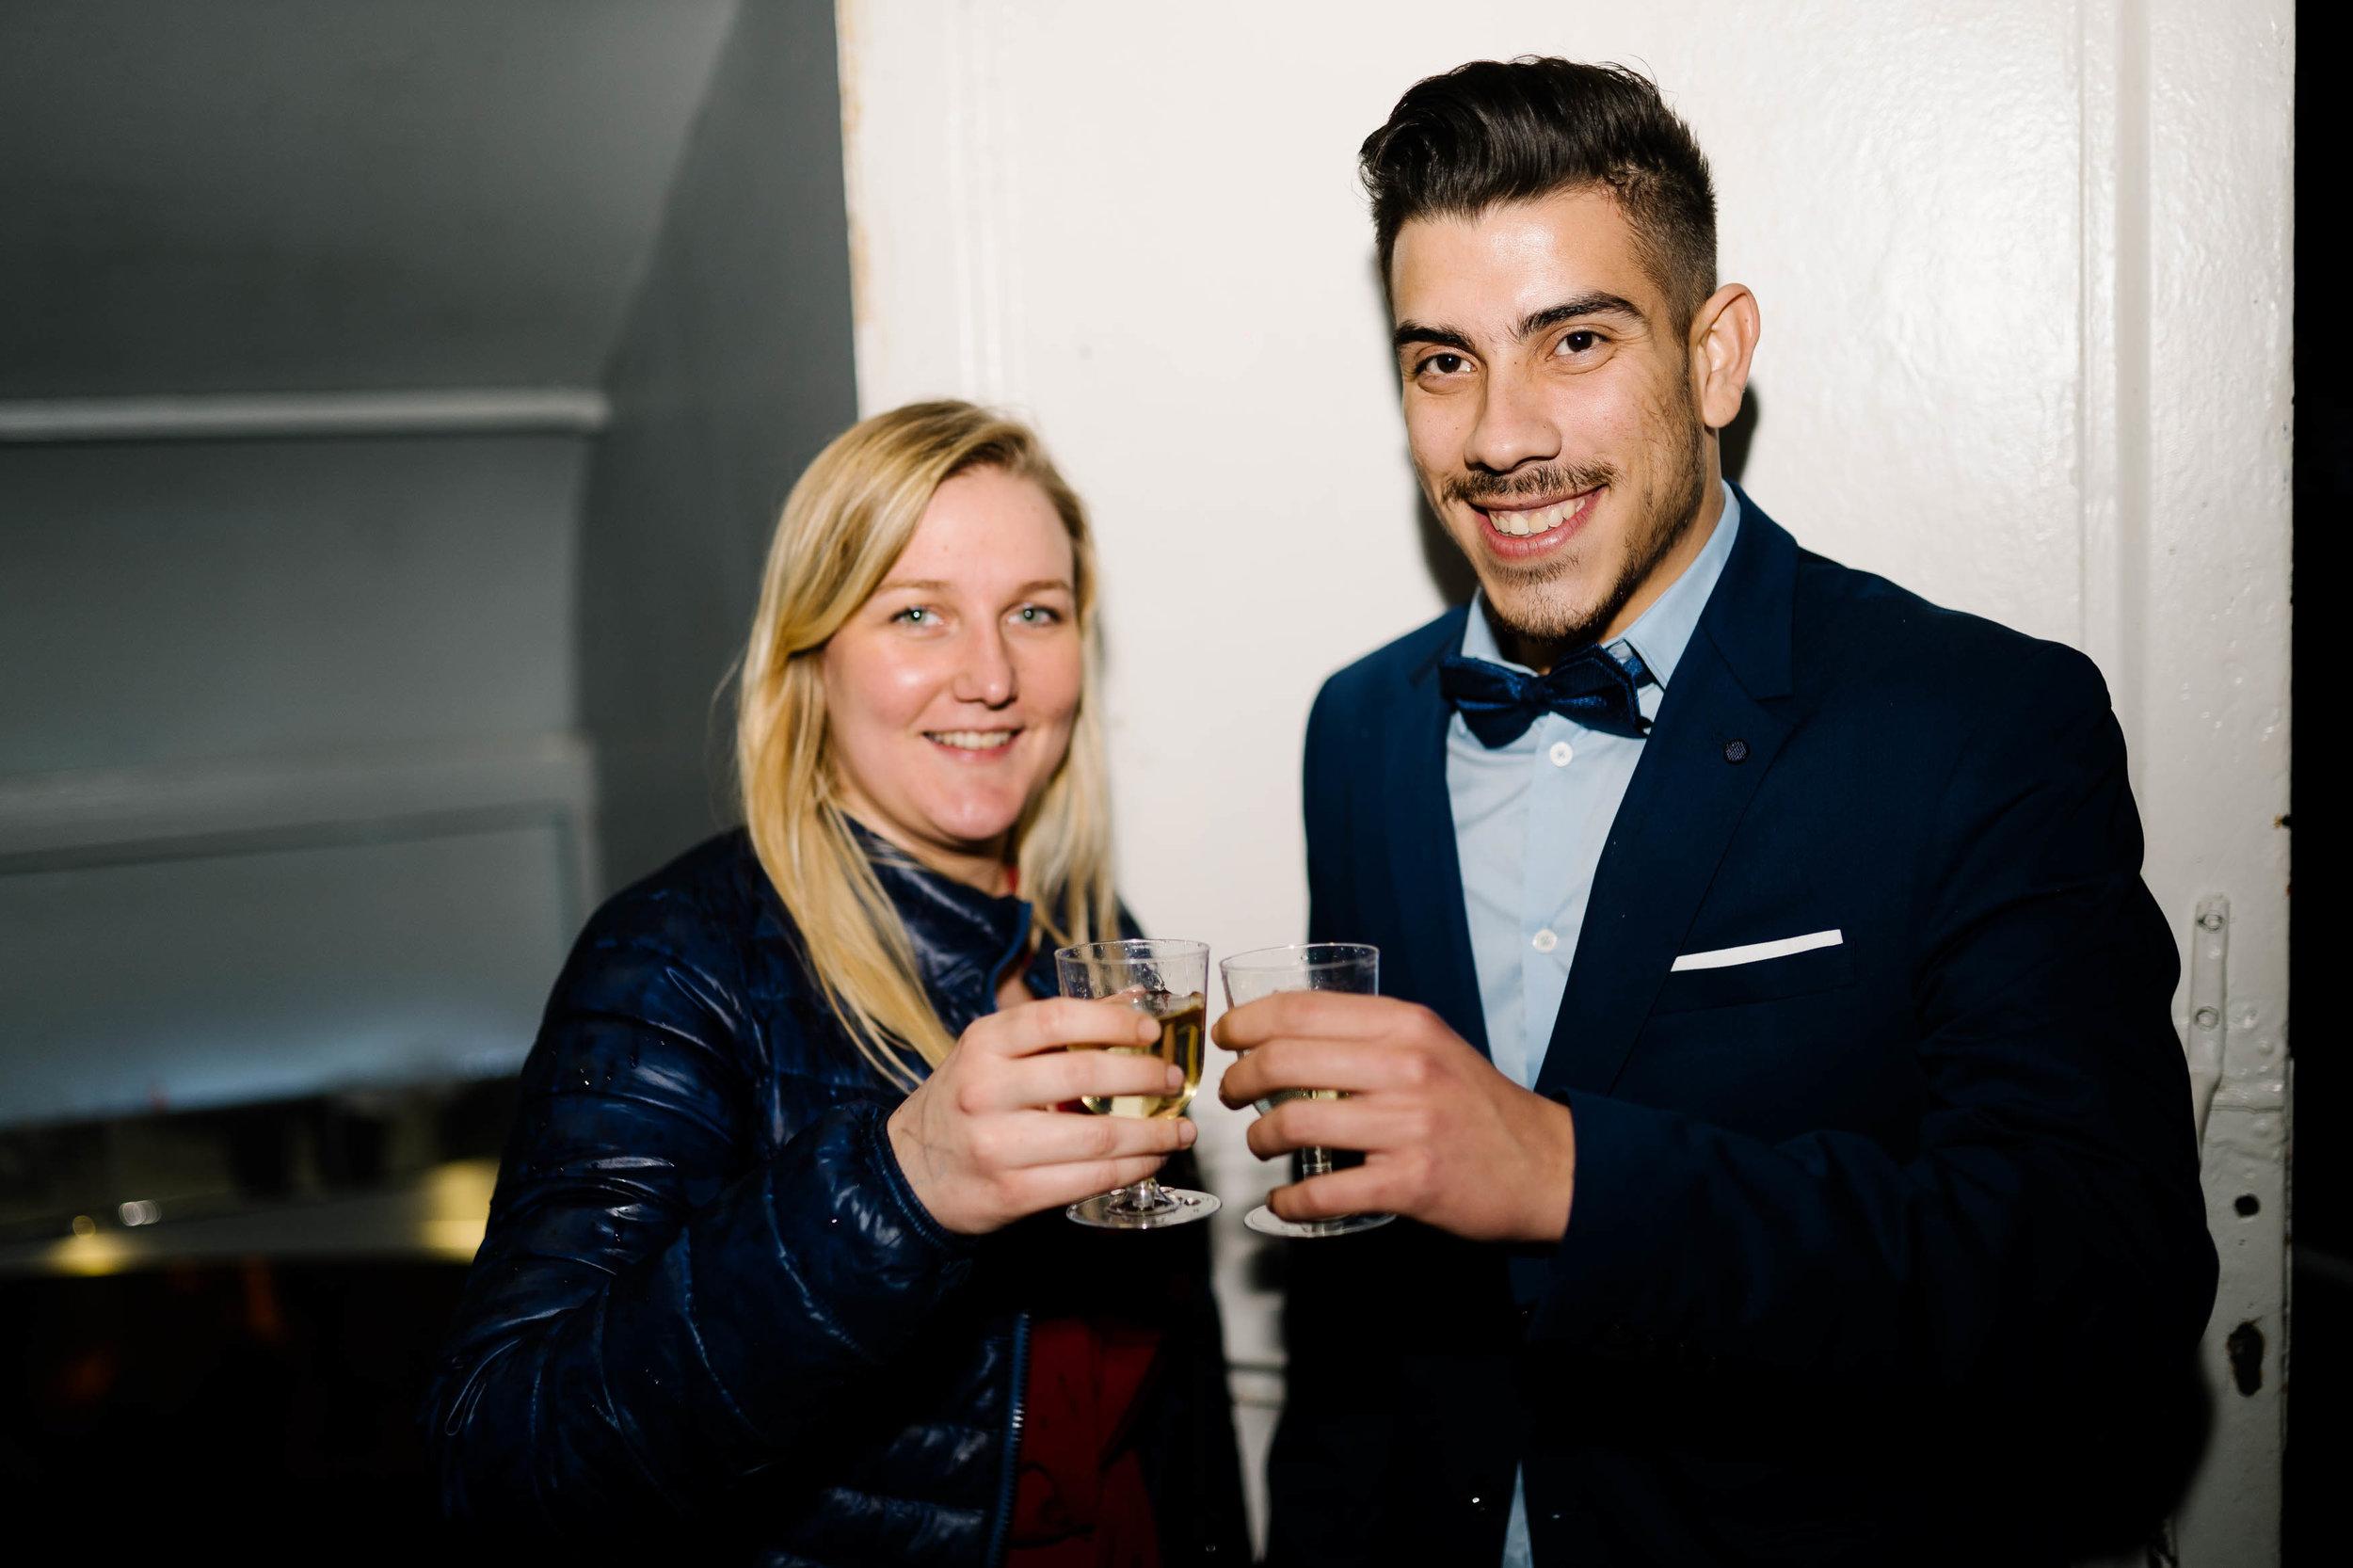 photographe-vidéaste-event-portrait-mariage-25.jpg